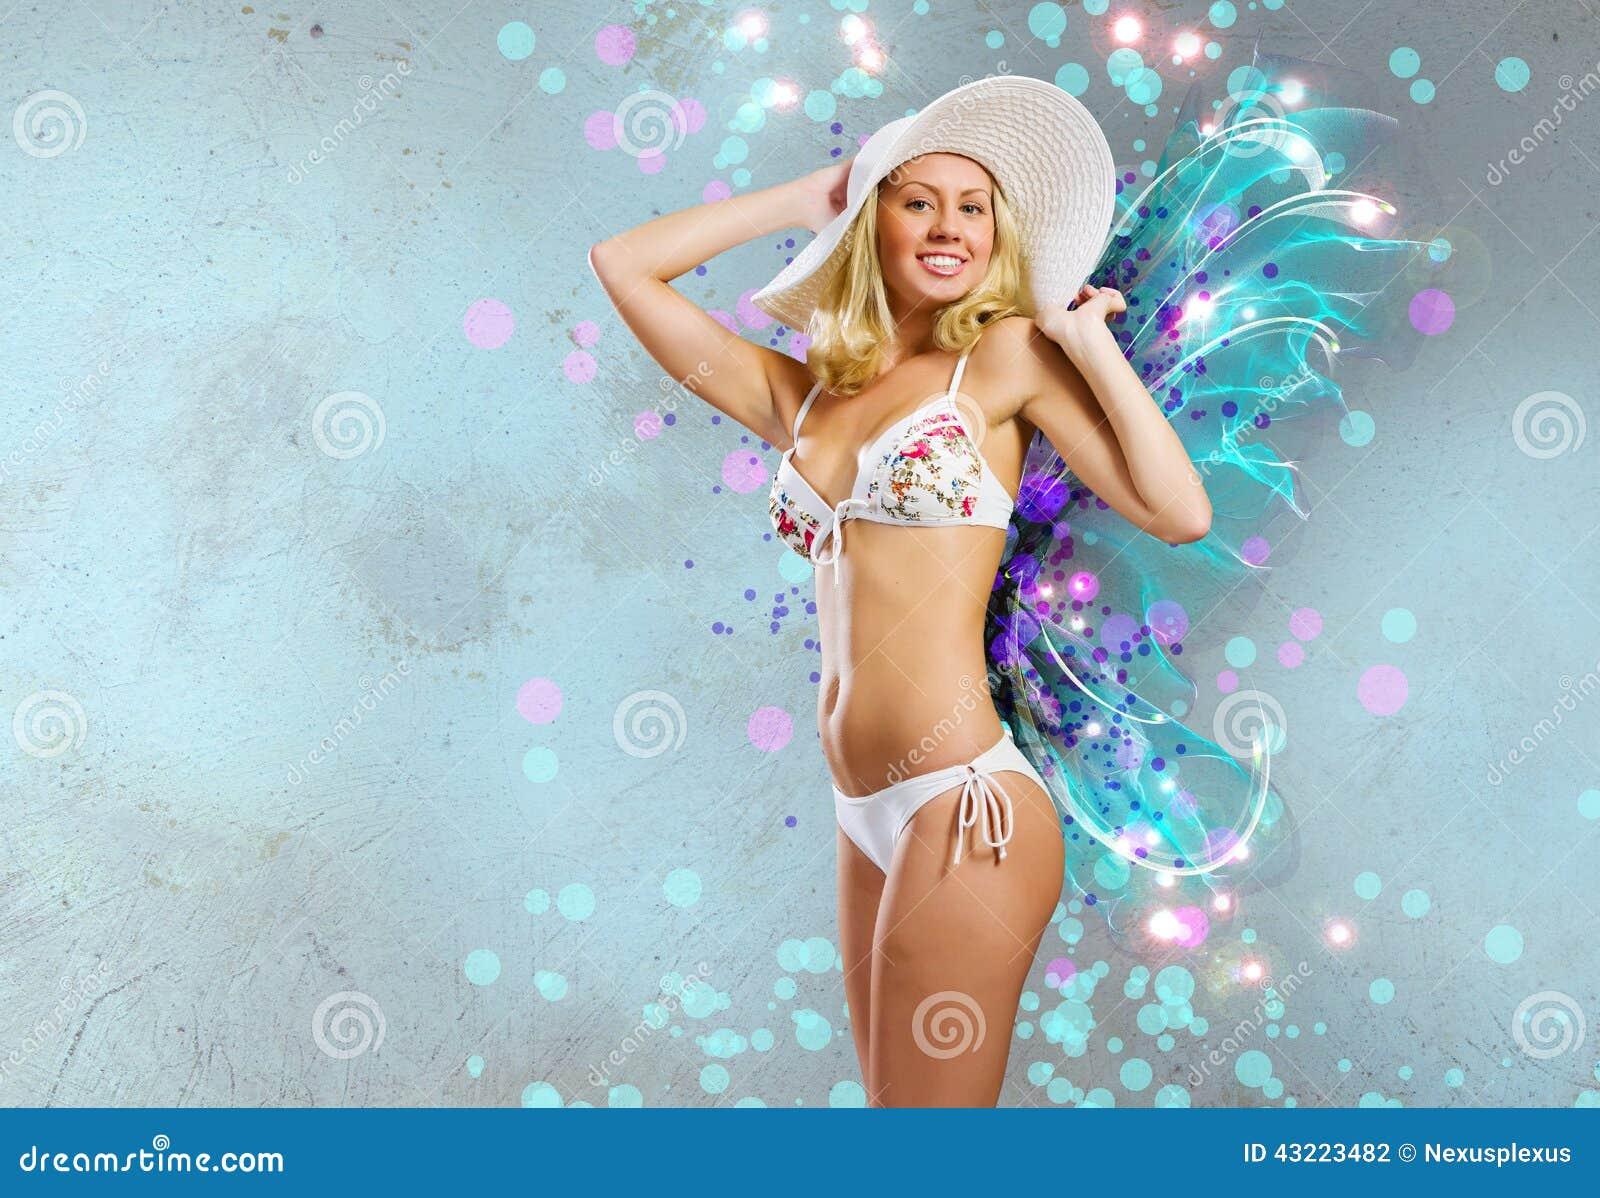 Pretty Blonde Summer Vacation Scene 34